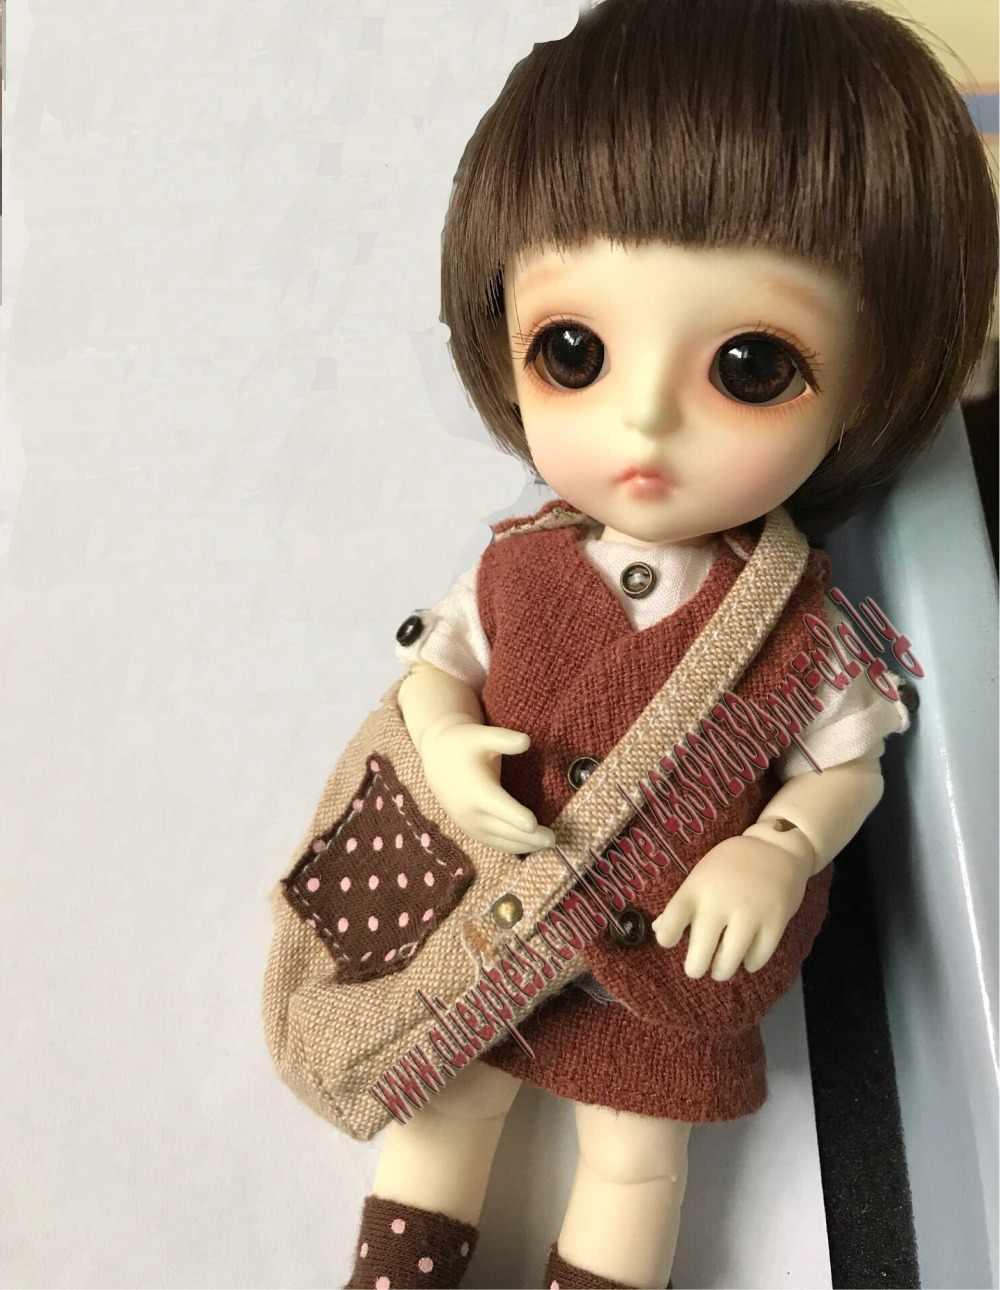 1/8chouchou boneca BJD boneca da moda BJD bonito, menina com olhos pequeno presente